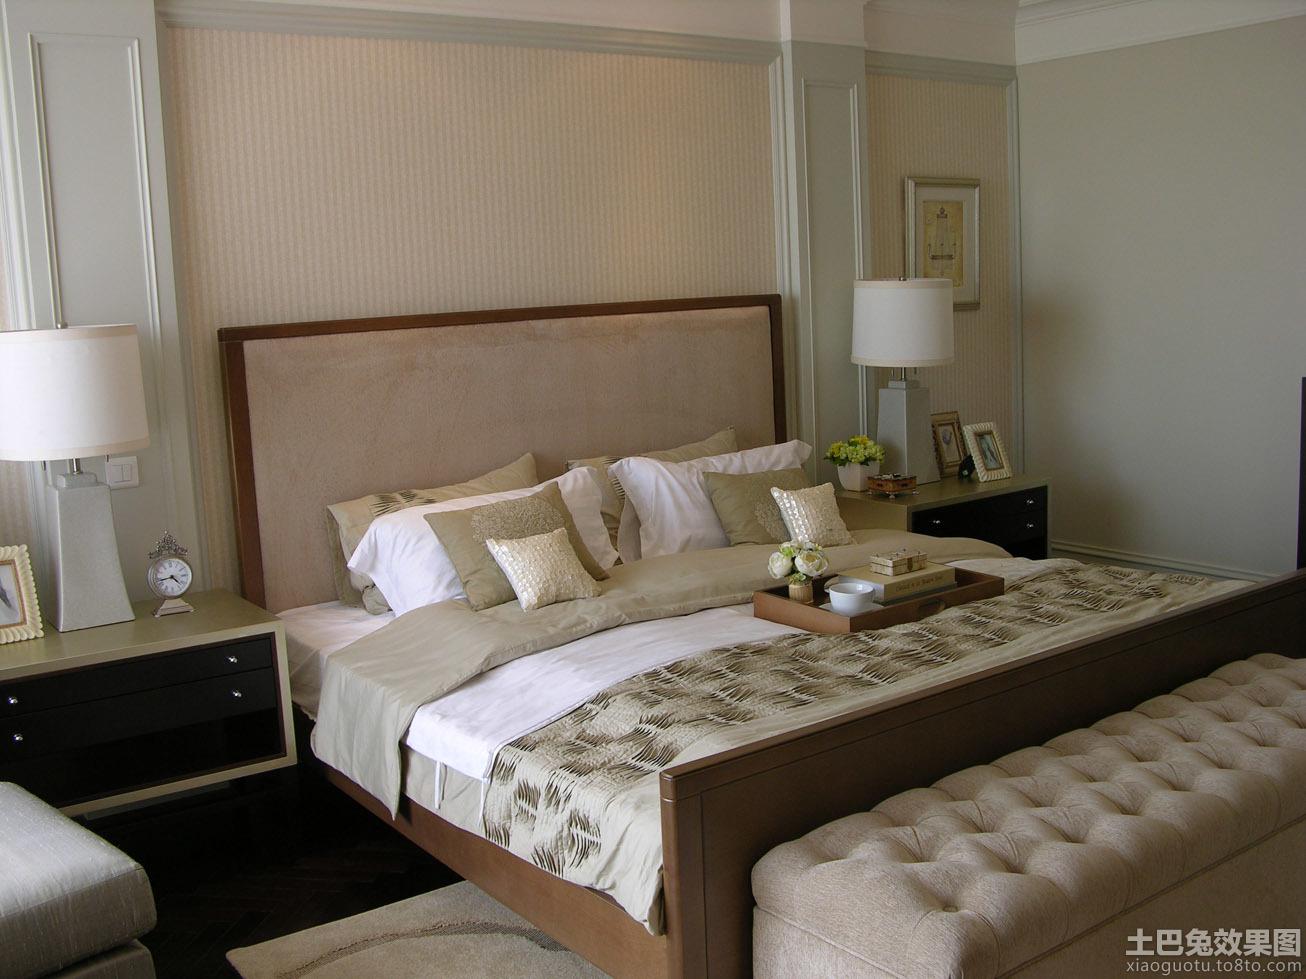 卧室床头背景墙装饰效果图大全图片 (9/10)图片